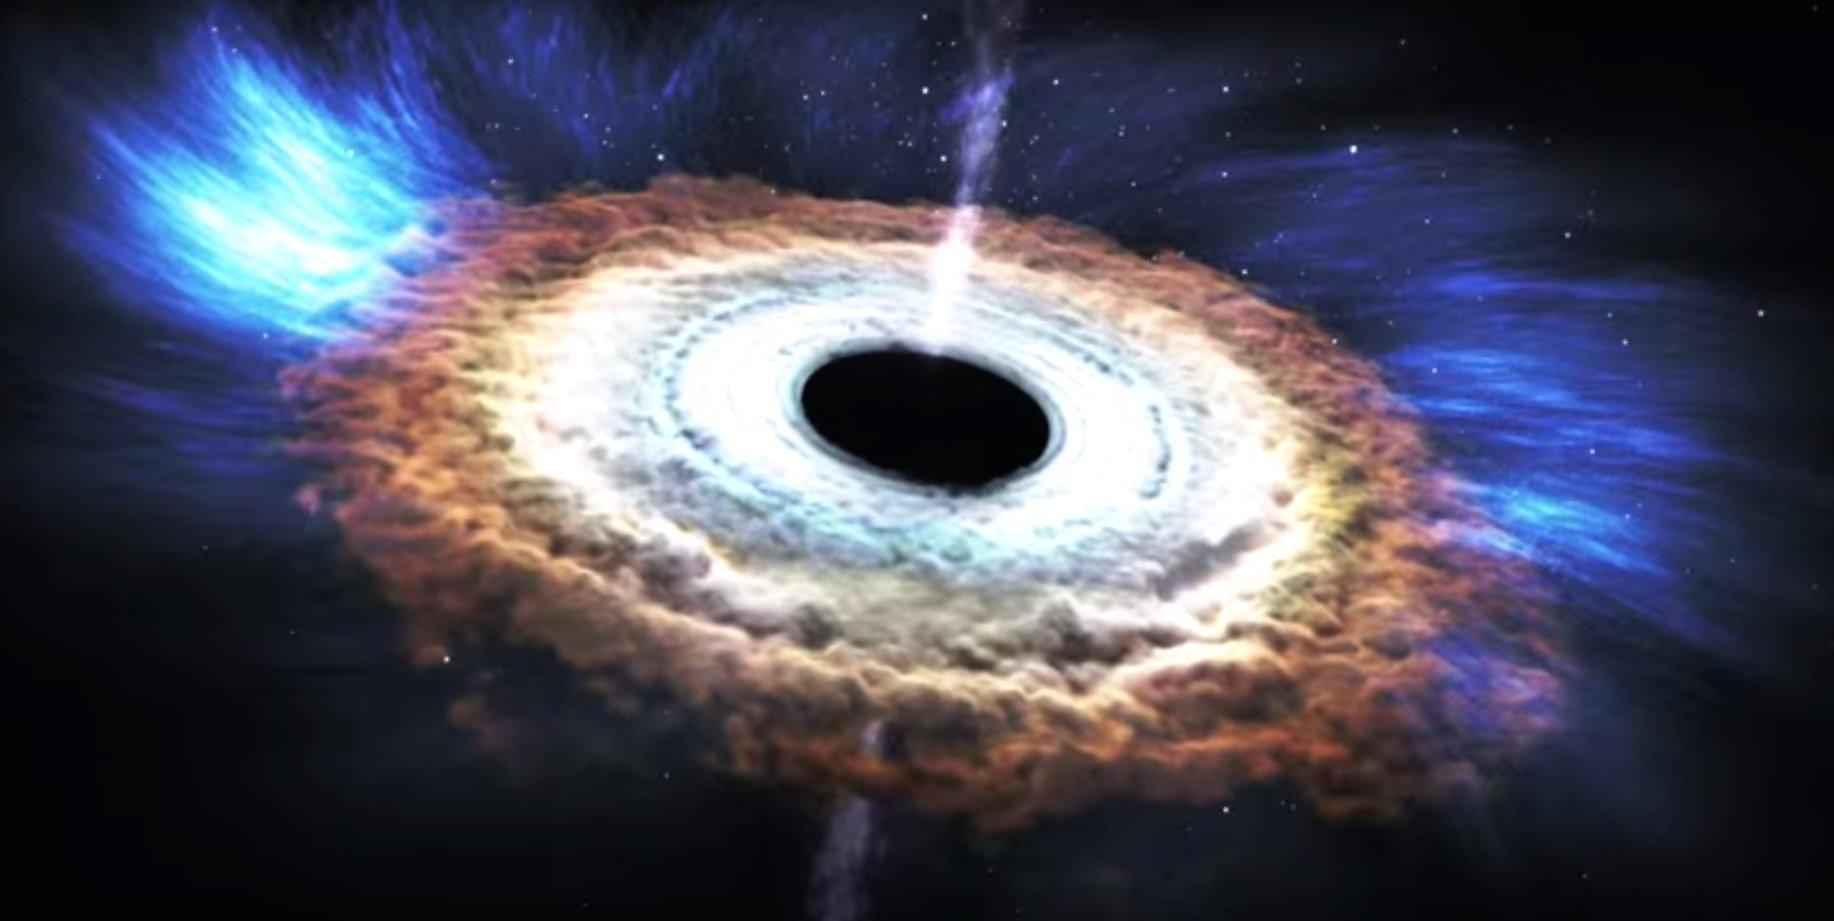 A black hole rips apart a star.